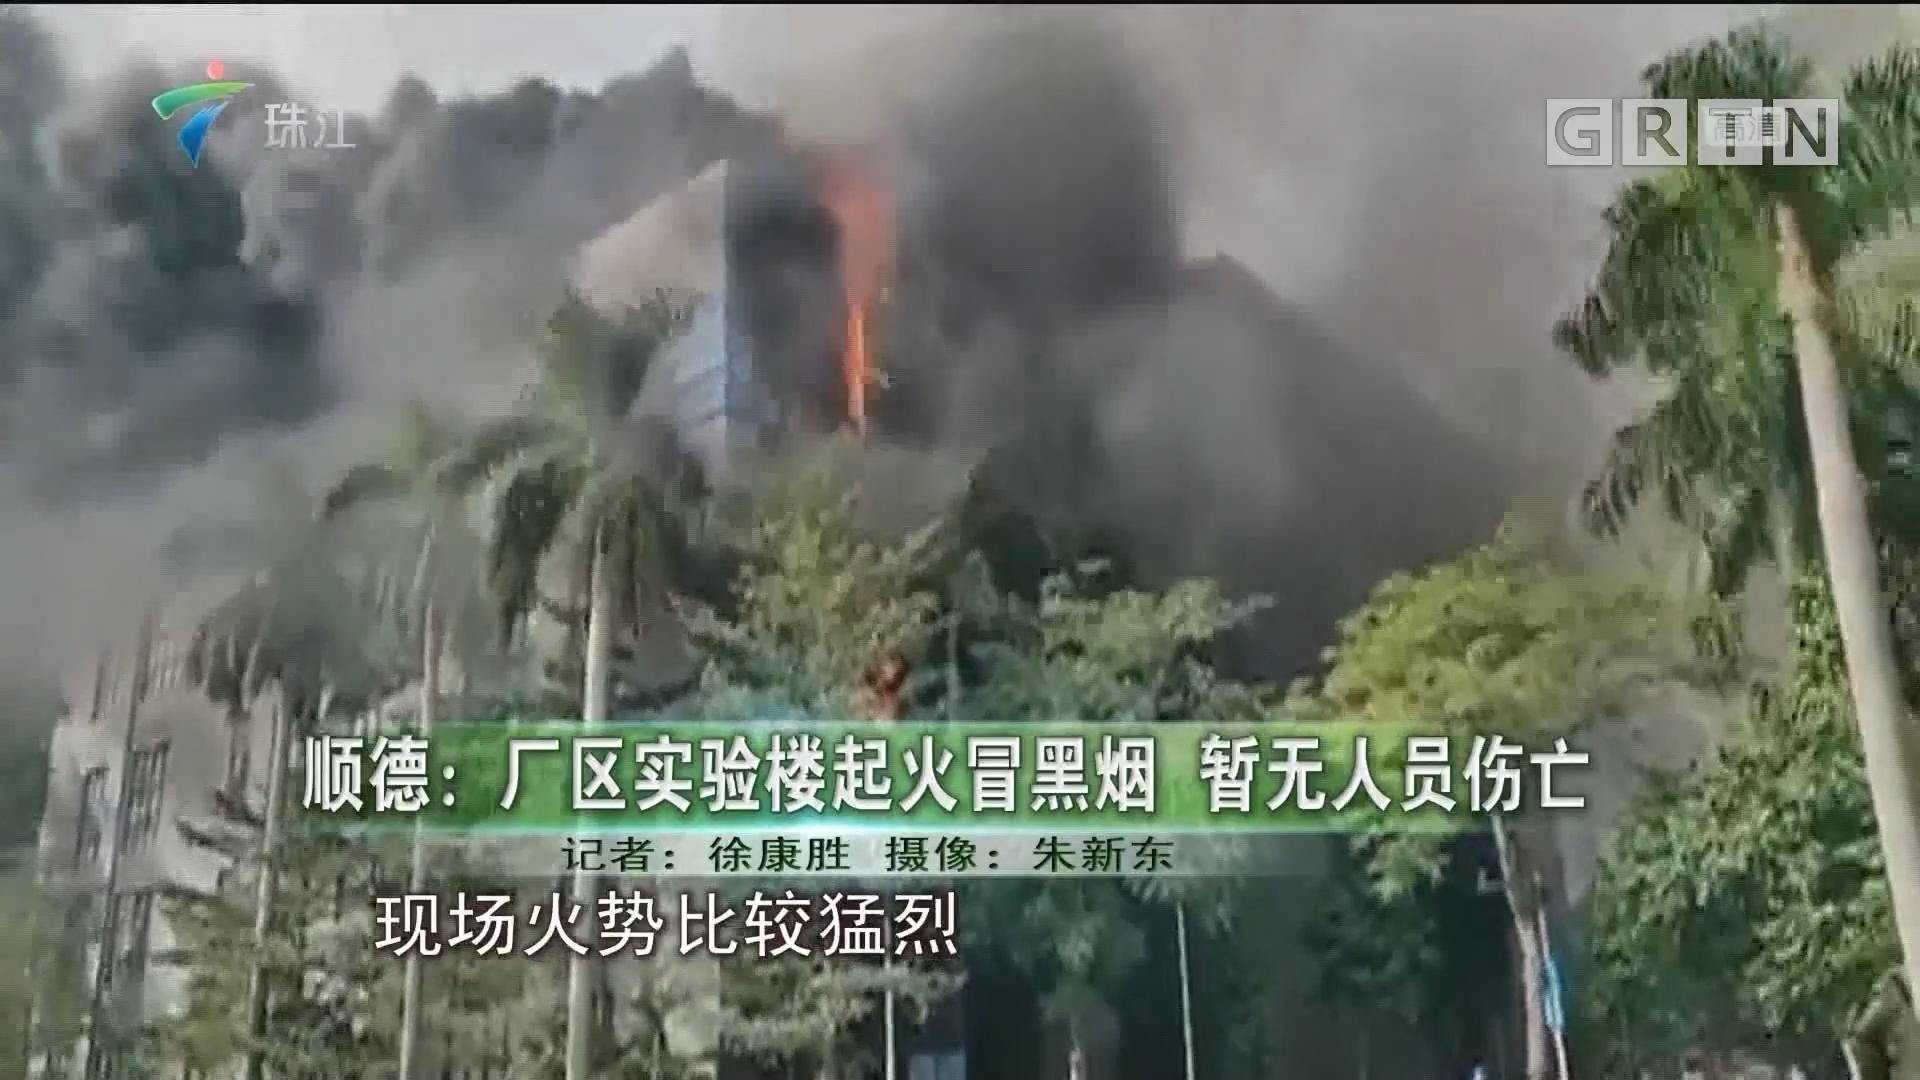 顺德:厂区实验楼起火冒黑烟 暂无人员伤亡